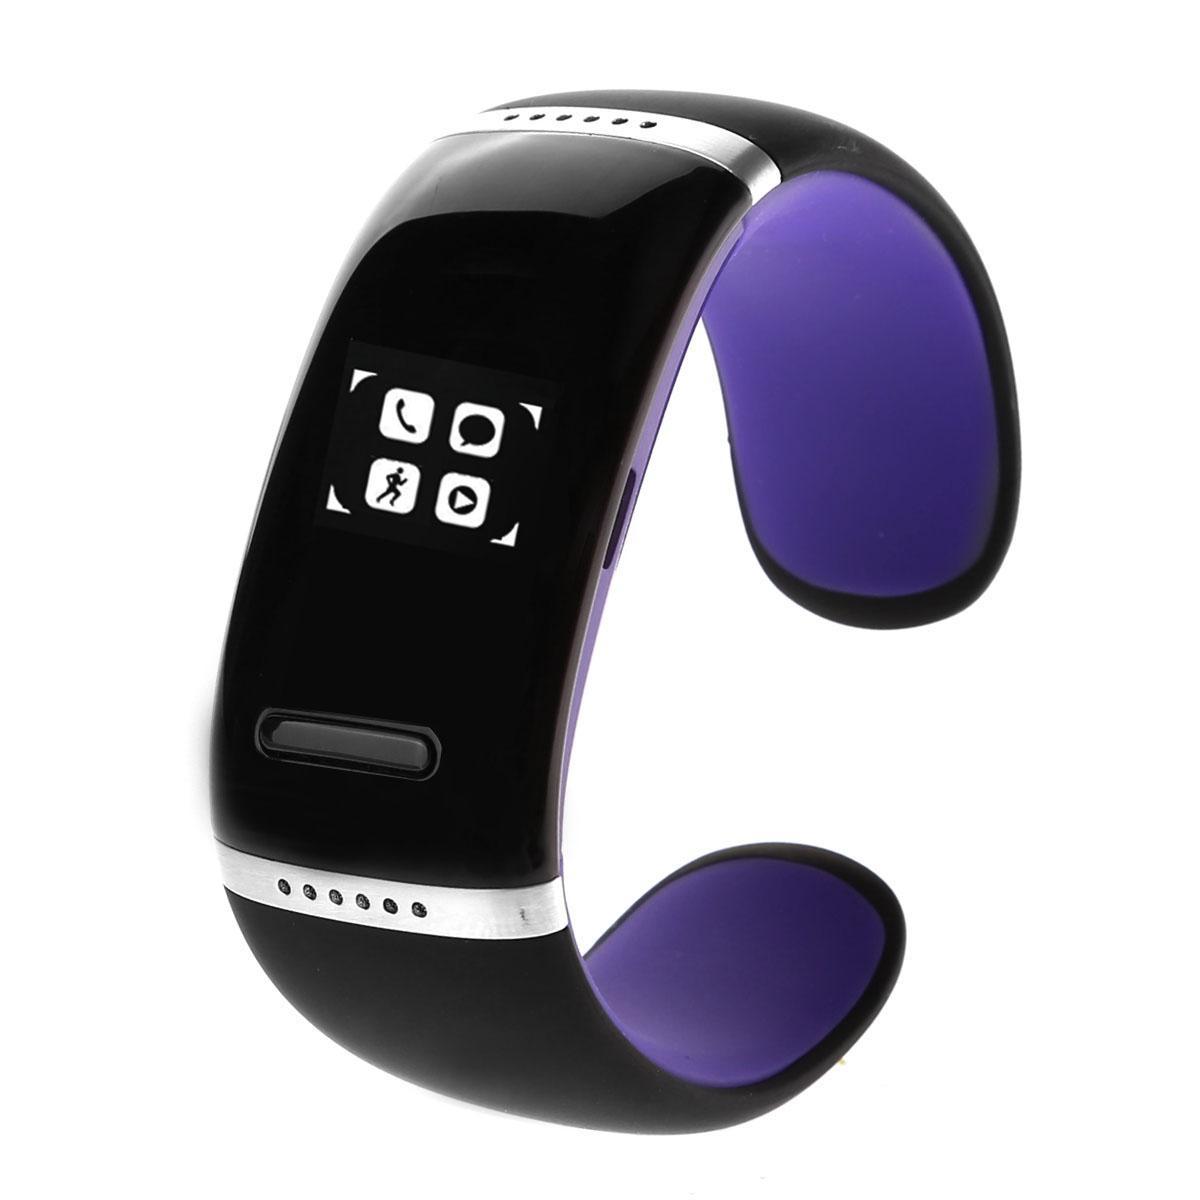 L12S Smart Miband Smart Xiaomi Mi Band Miband Bracelet Smart Fitness Wearable Tracker Waterproof Wristband dhl free ship smart watch OTH064